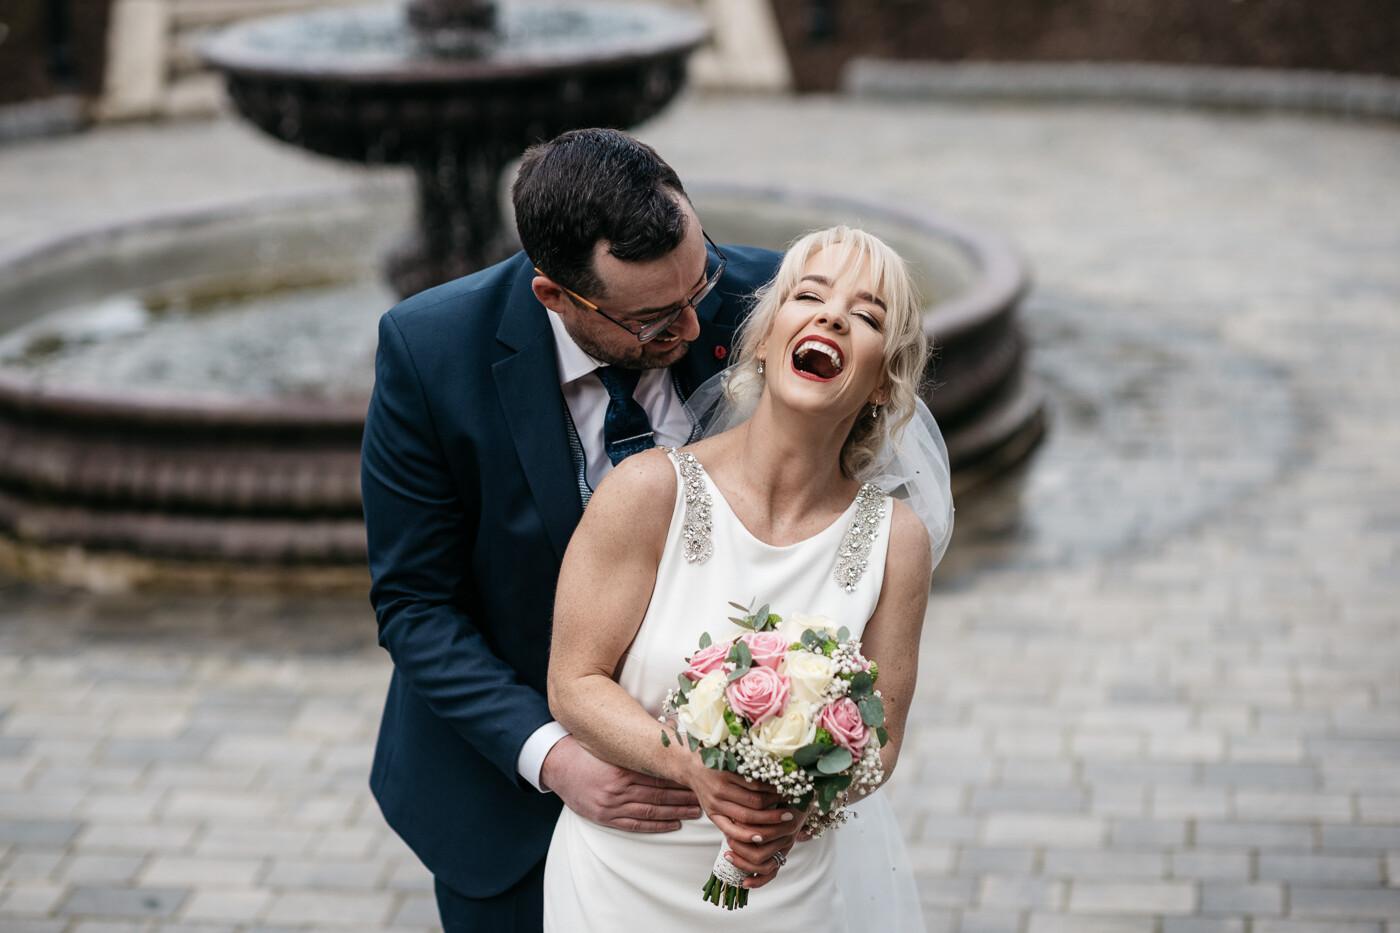 Wedding Photographers Dublin 9